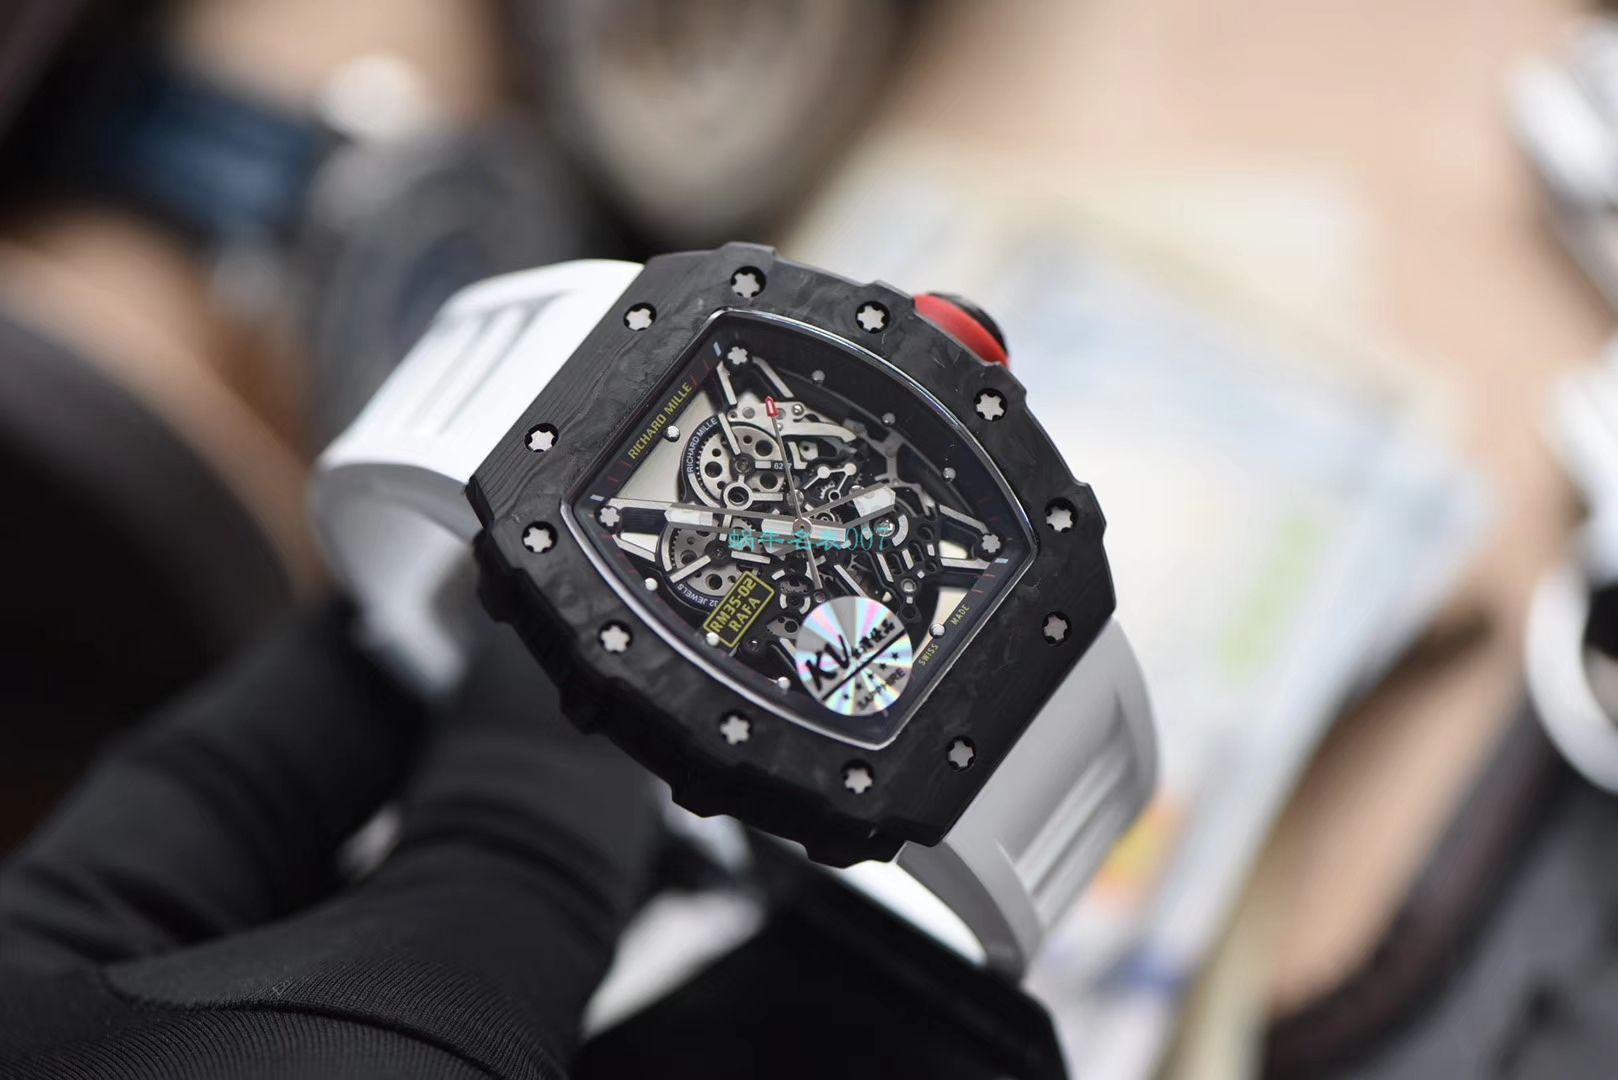 【视频评测】KV厂官网V3最高版本顶级复刻RICHARD MILLE理查德米勒RM 035-02镂空腕表 / KVRM352V3E